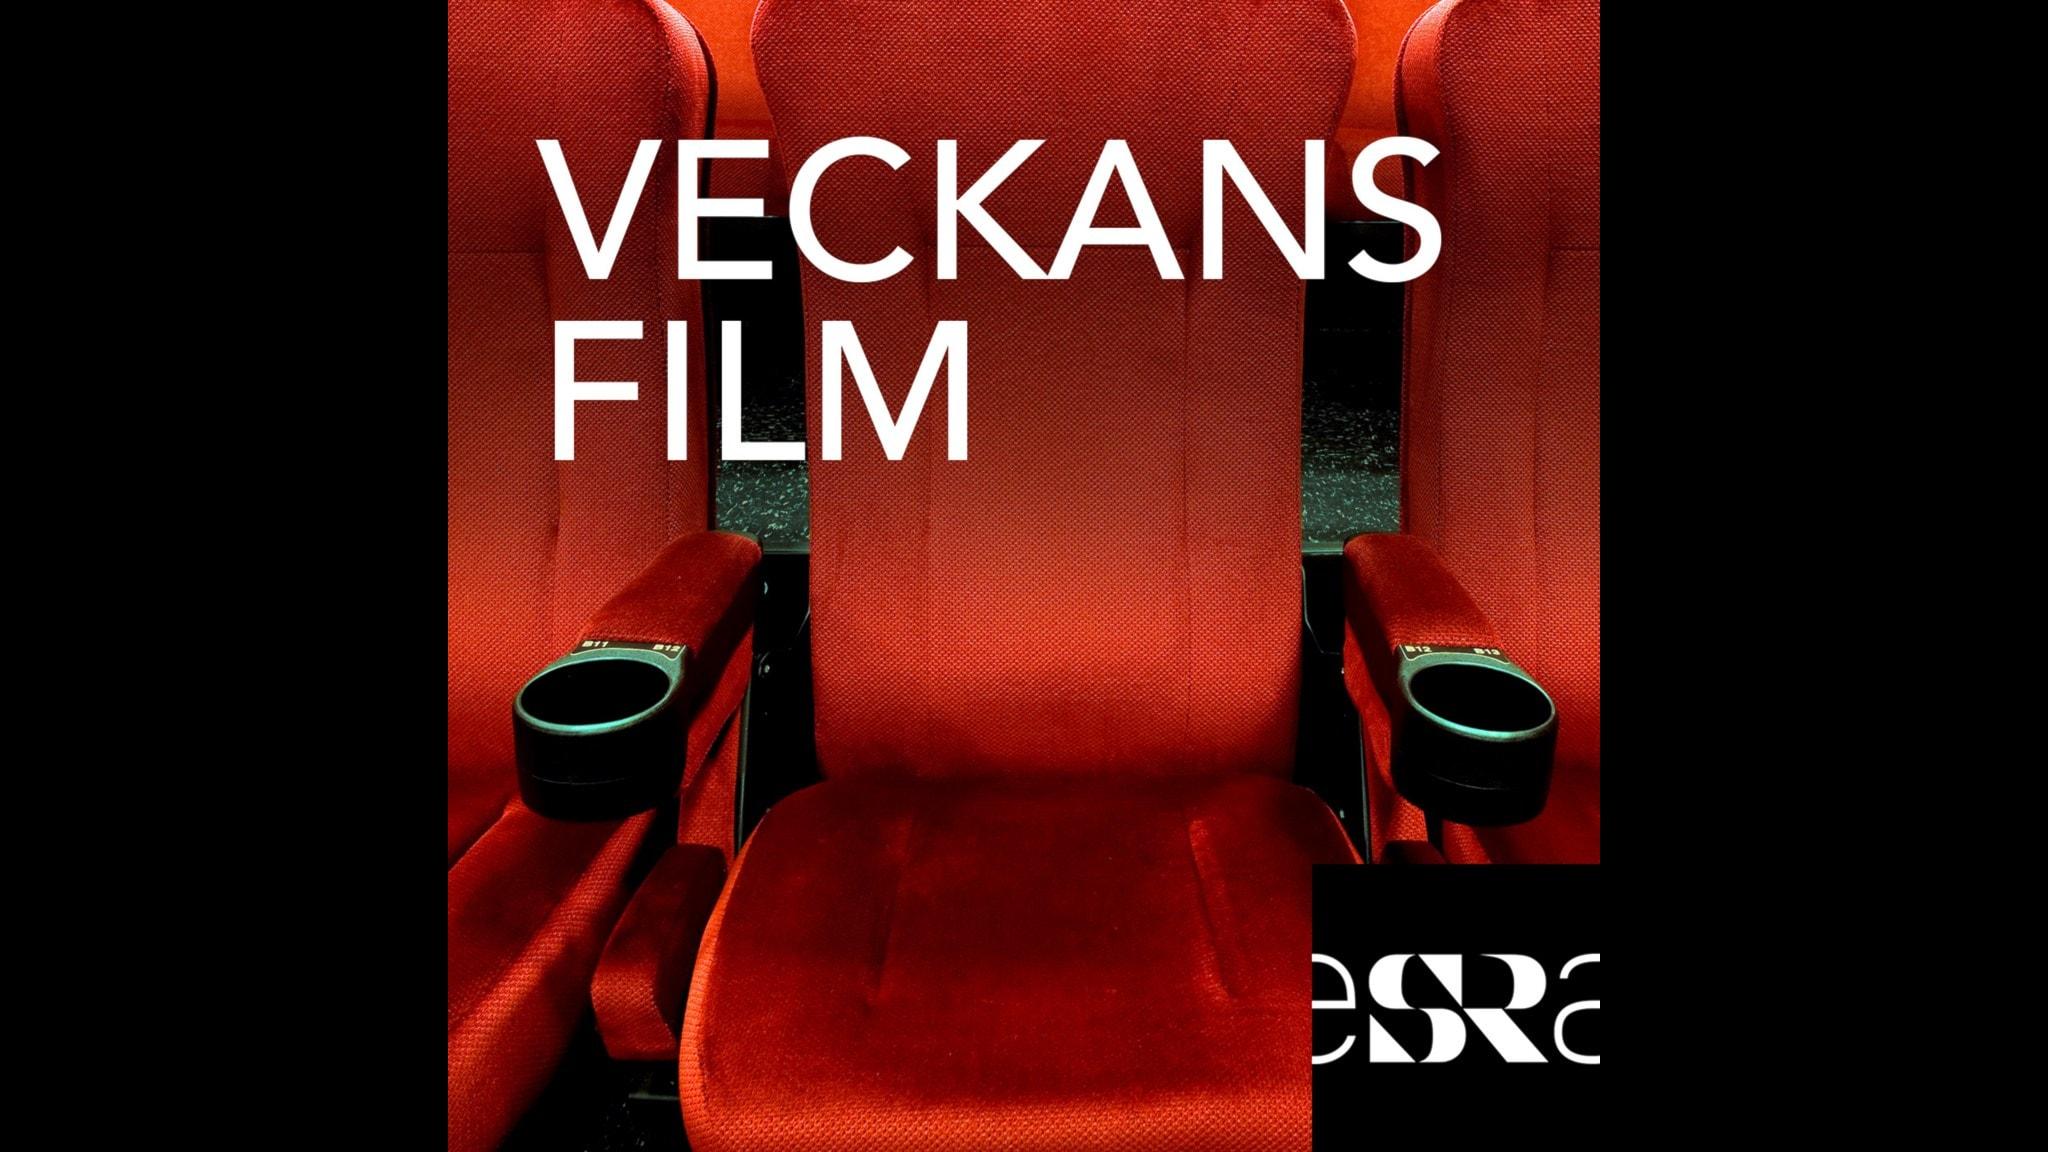 Veckans film